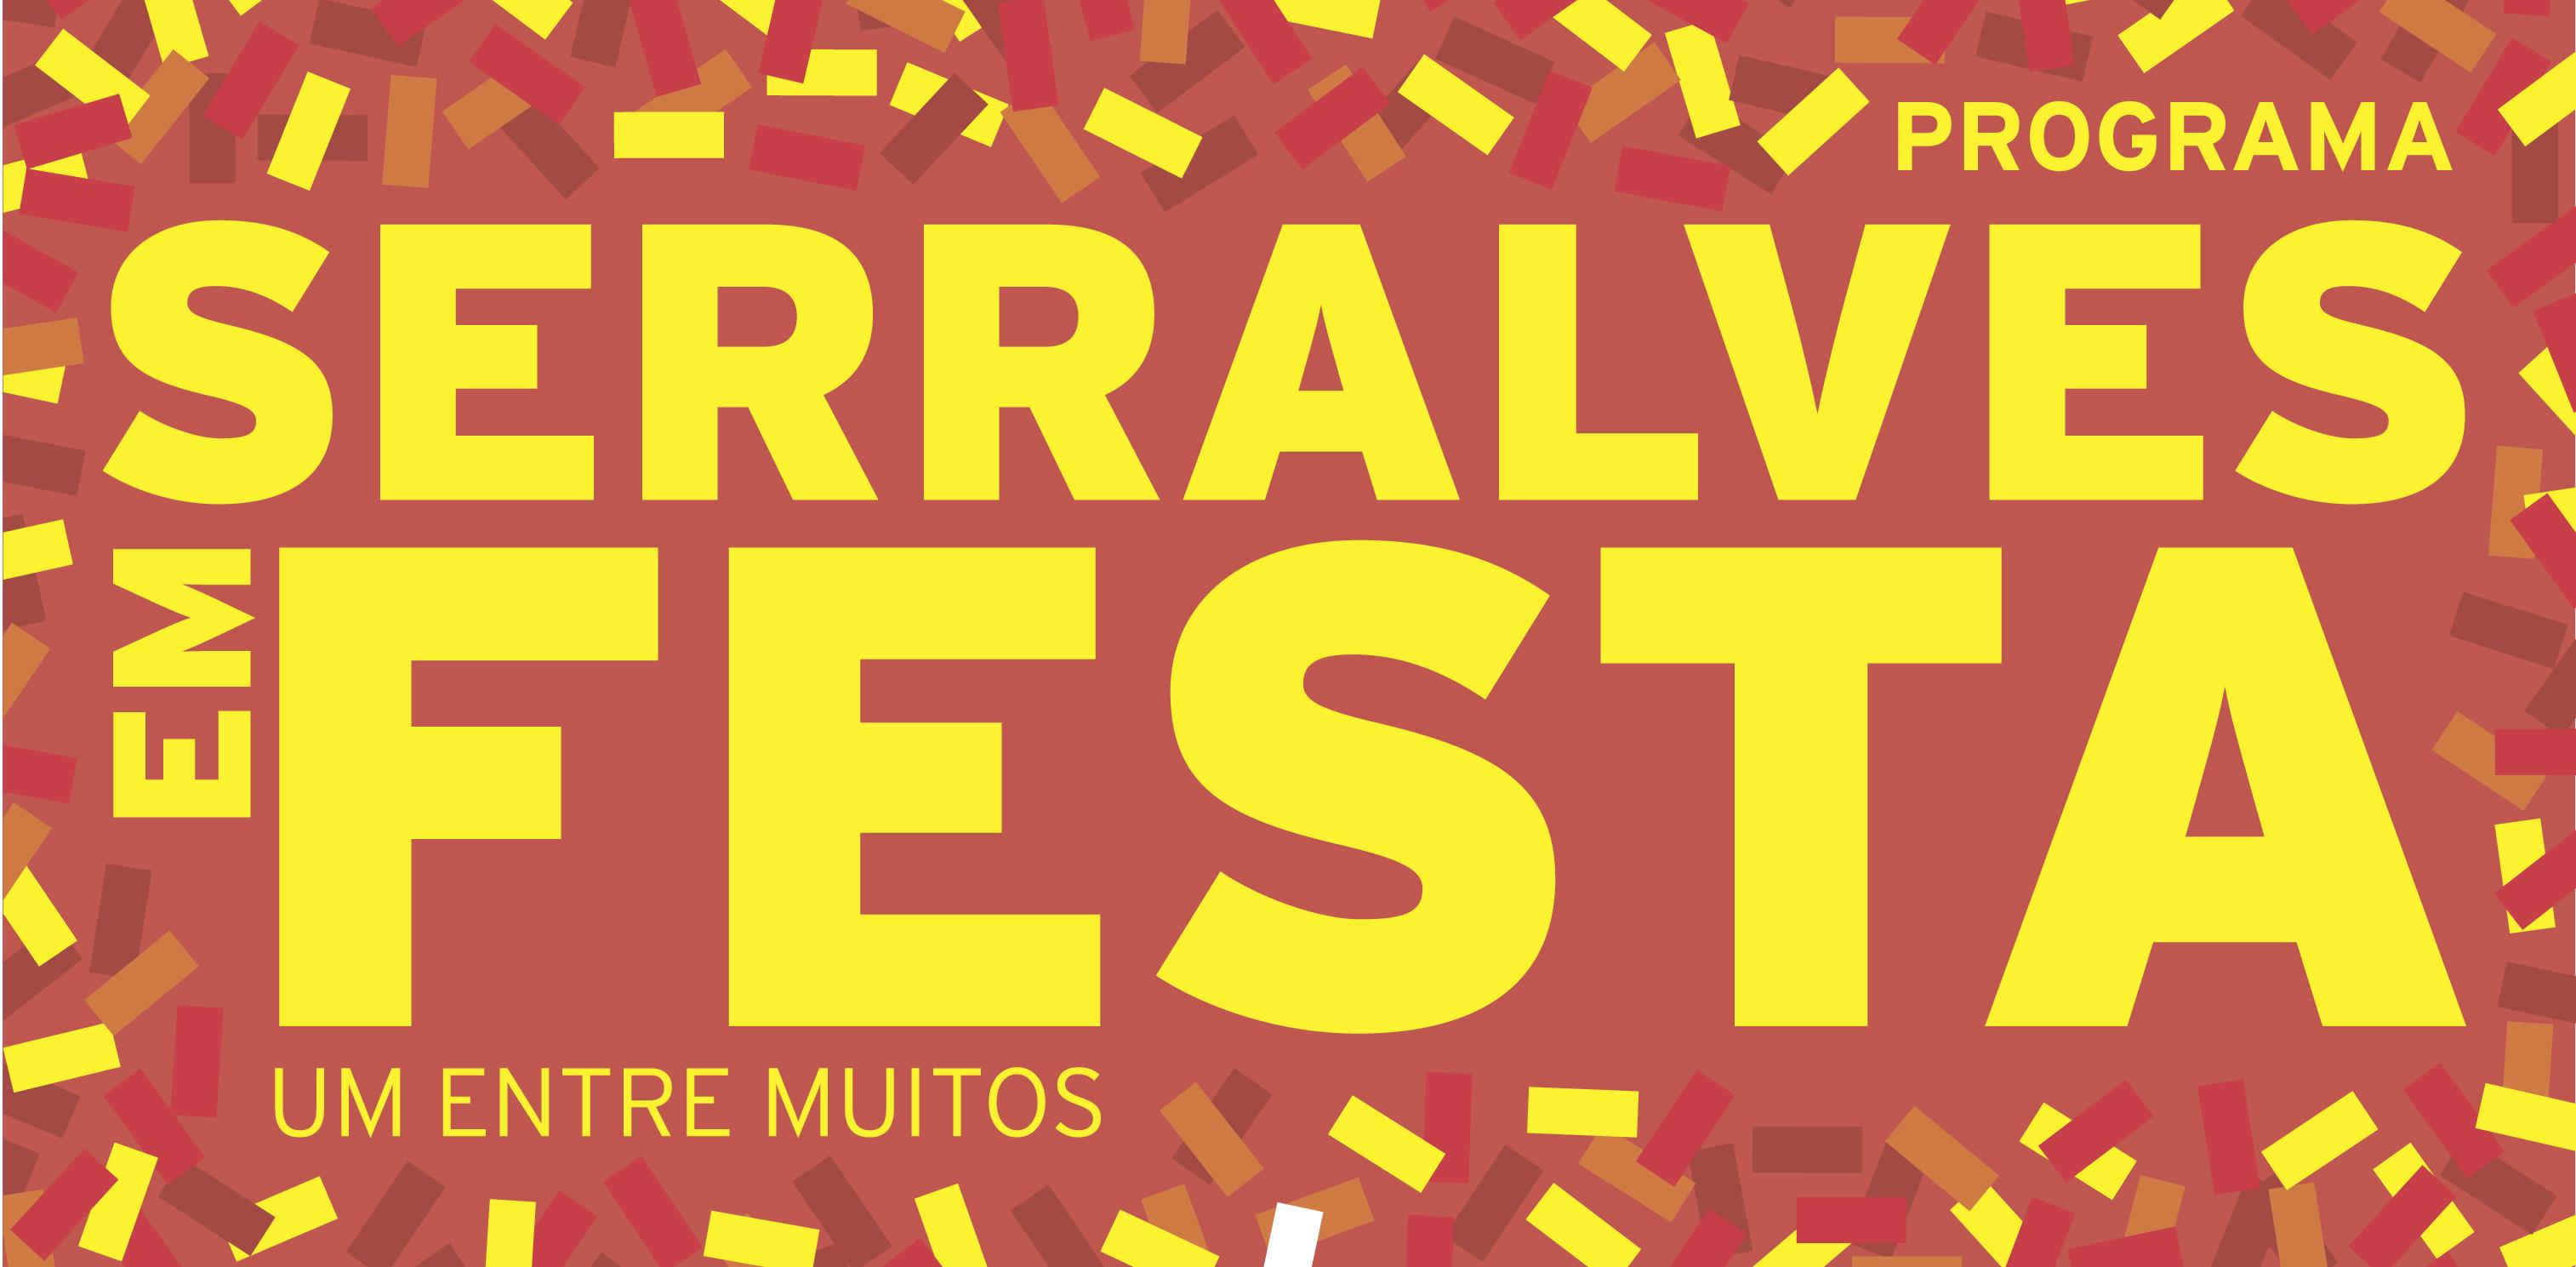 SERRALVES em FESTA